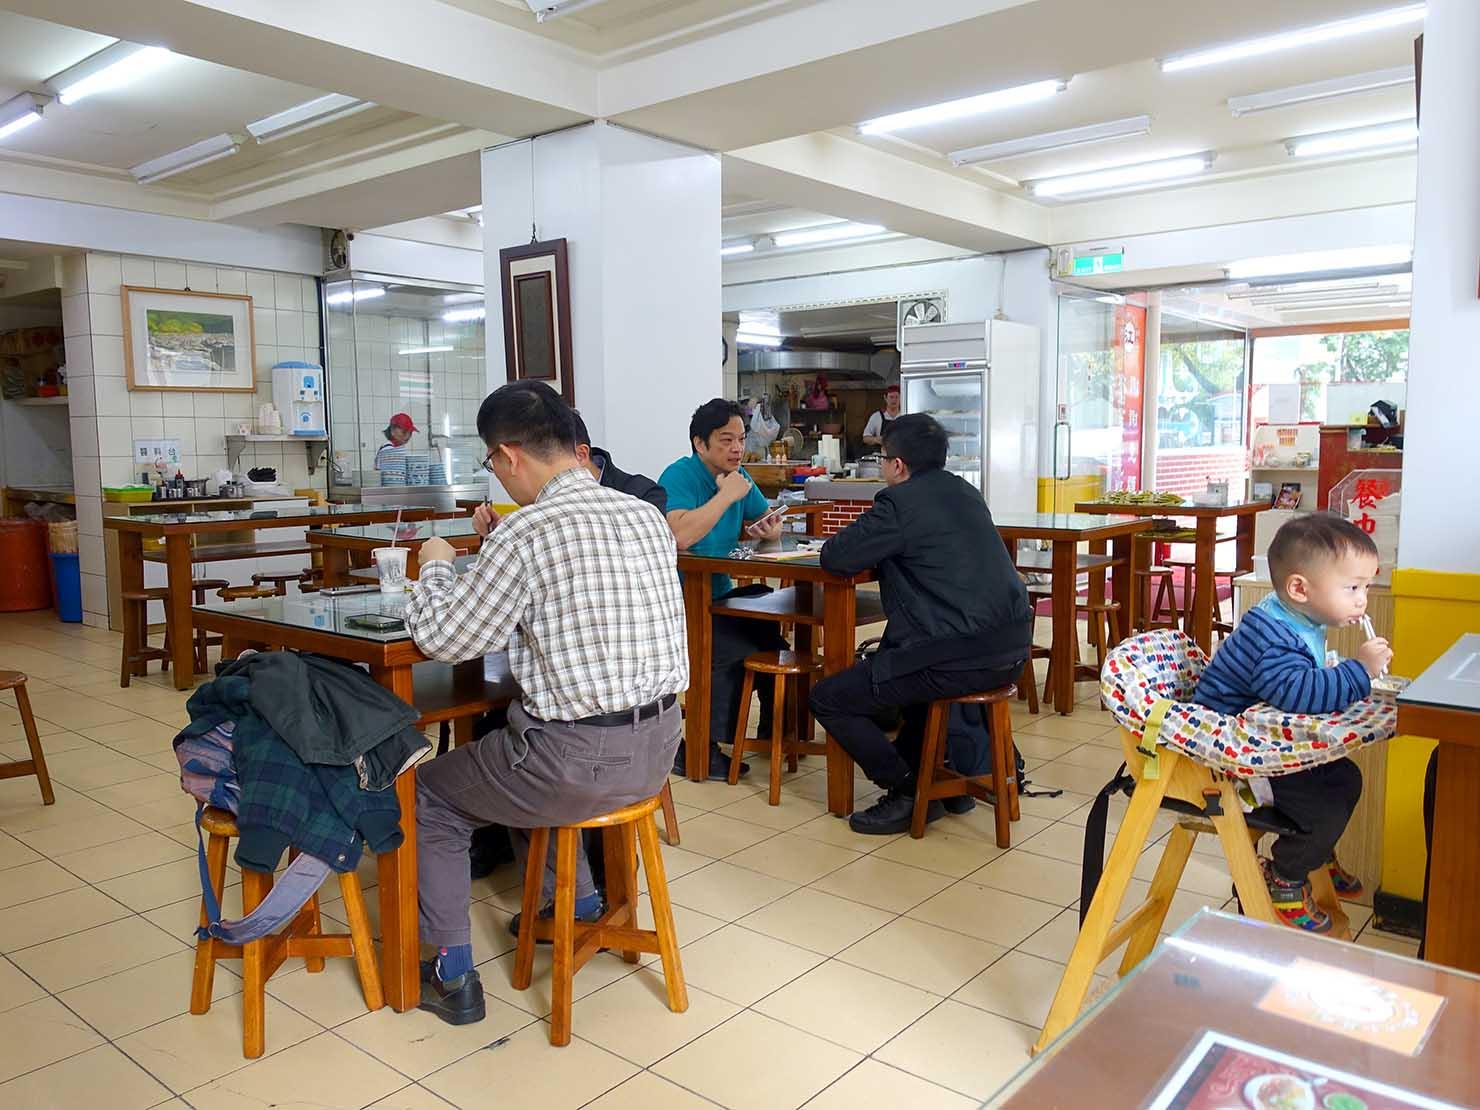 台北・國父紀念館のおすすめグルメ店「江家永和豆漿/牛肉麵」の店内